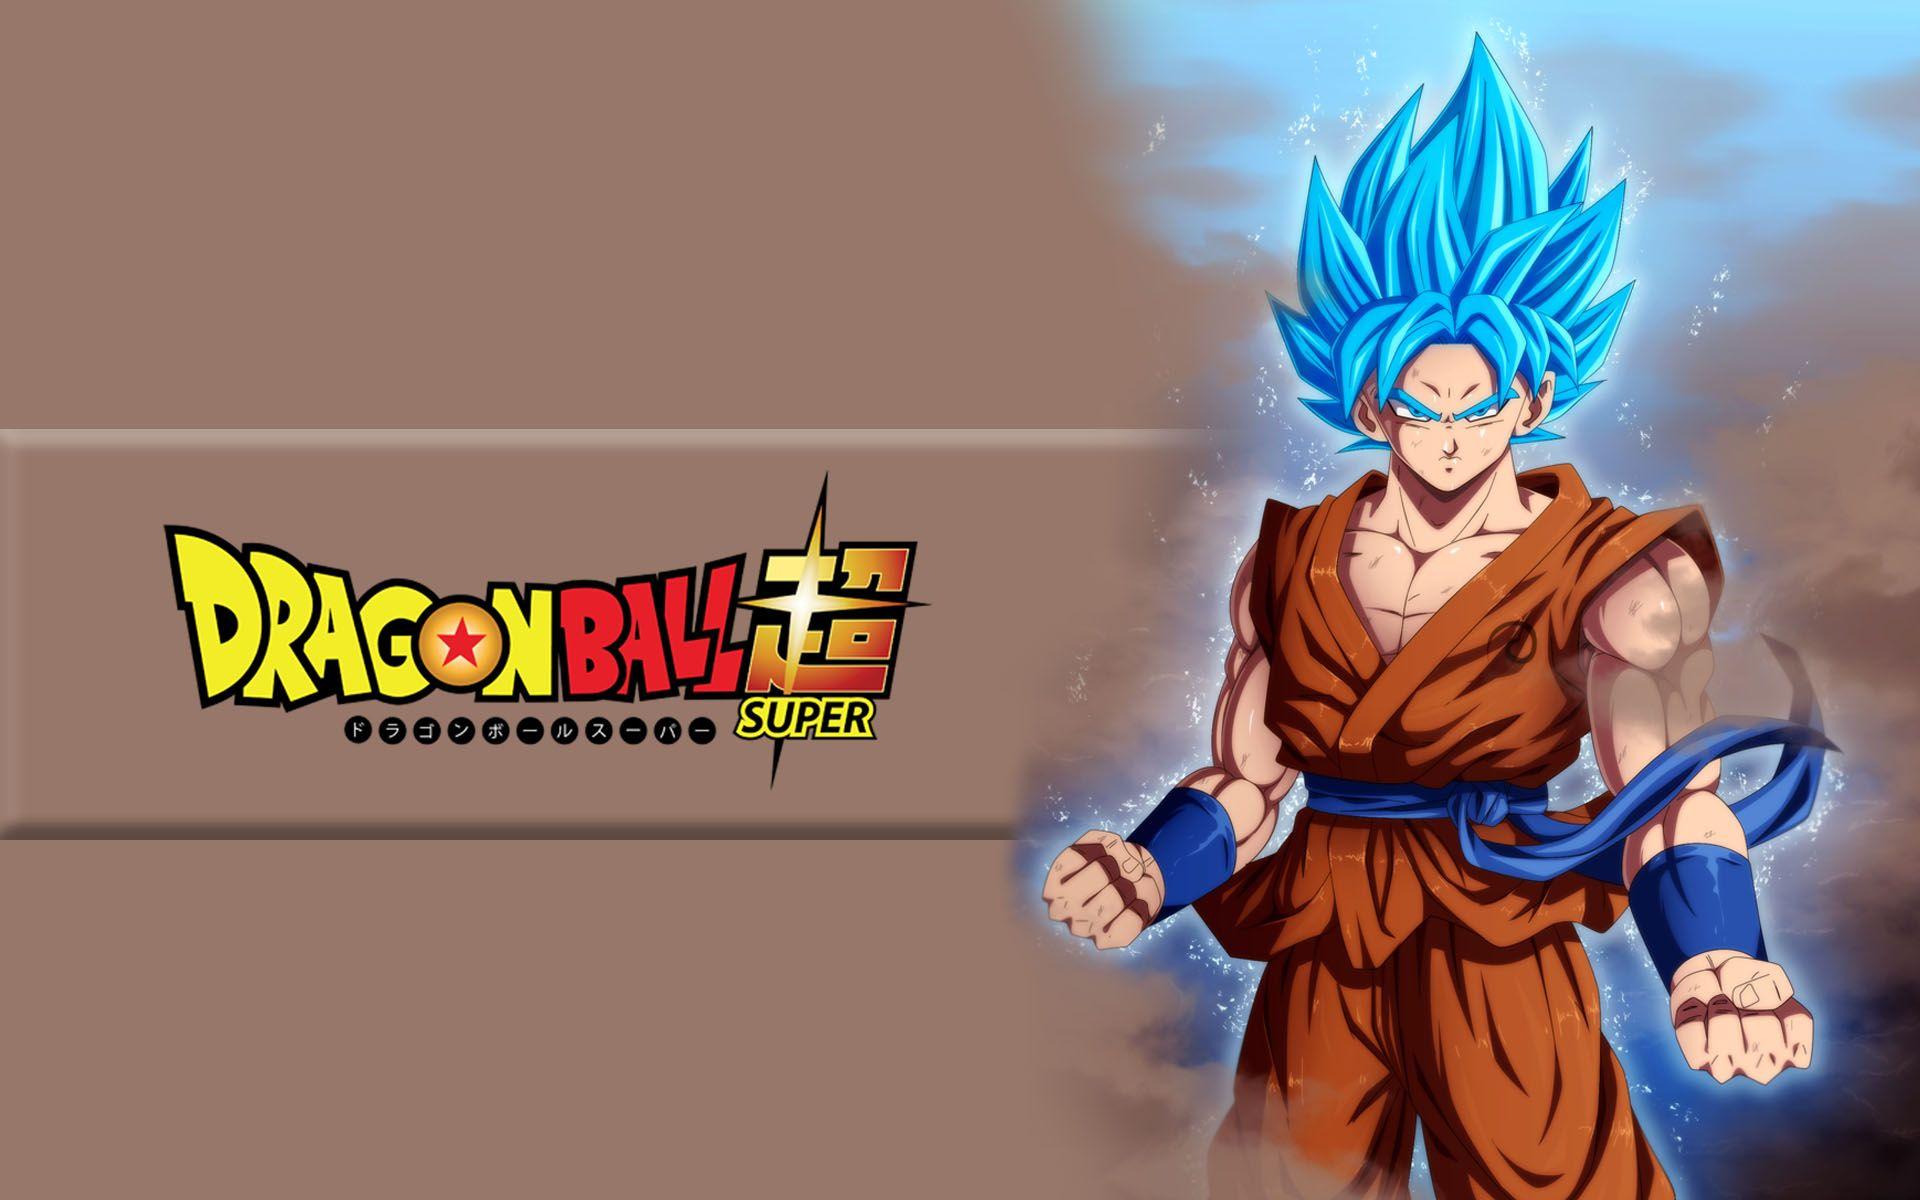 Dragon Ball Super Wallpapers Hd Best Wallpaper Hd Dragon Ball Super Wallpapers Dragon Ball Super Goku Super Saiyan Blue